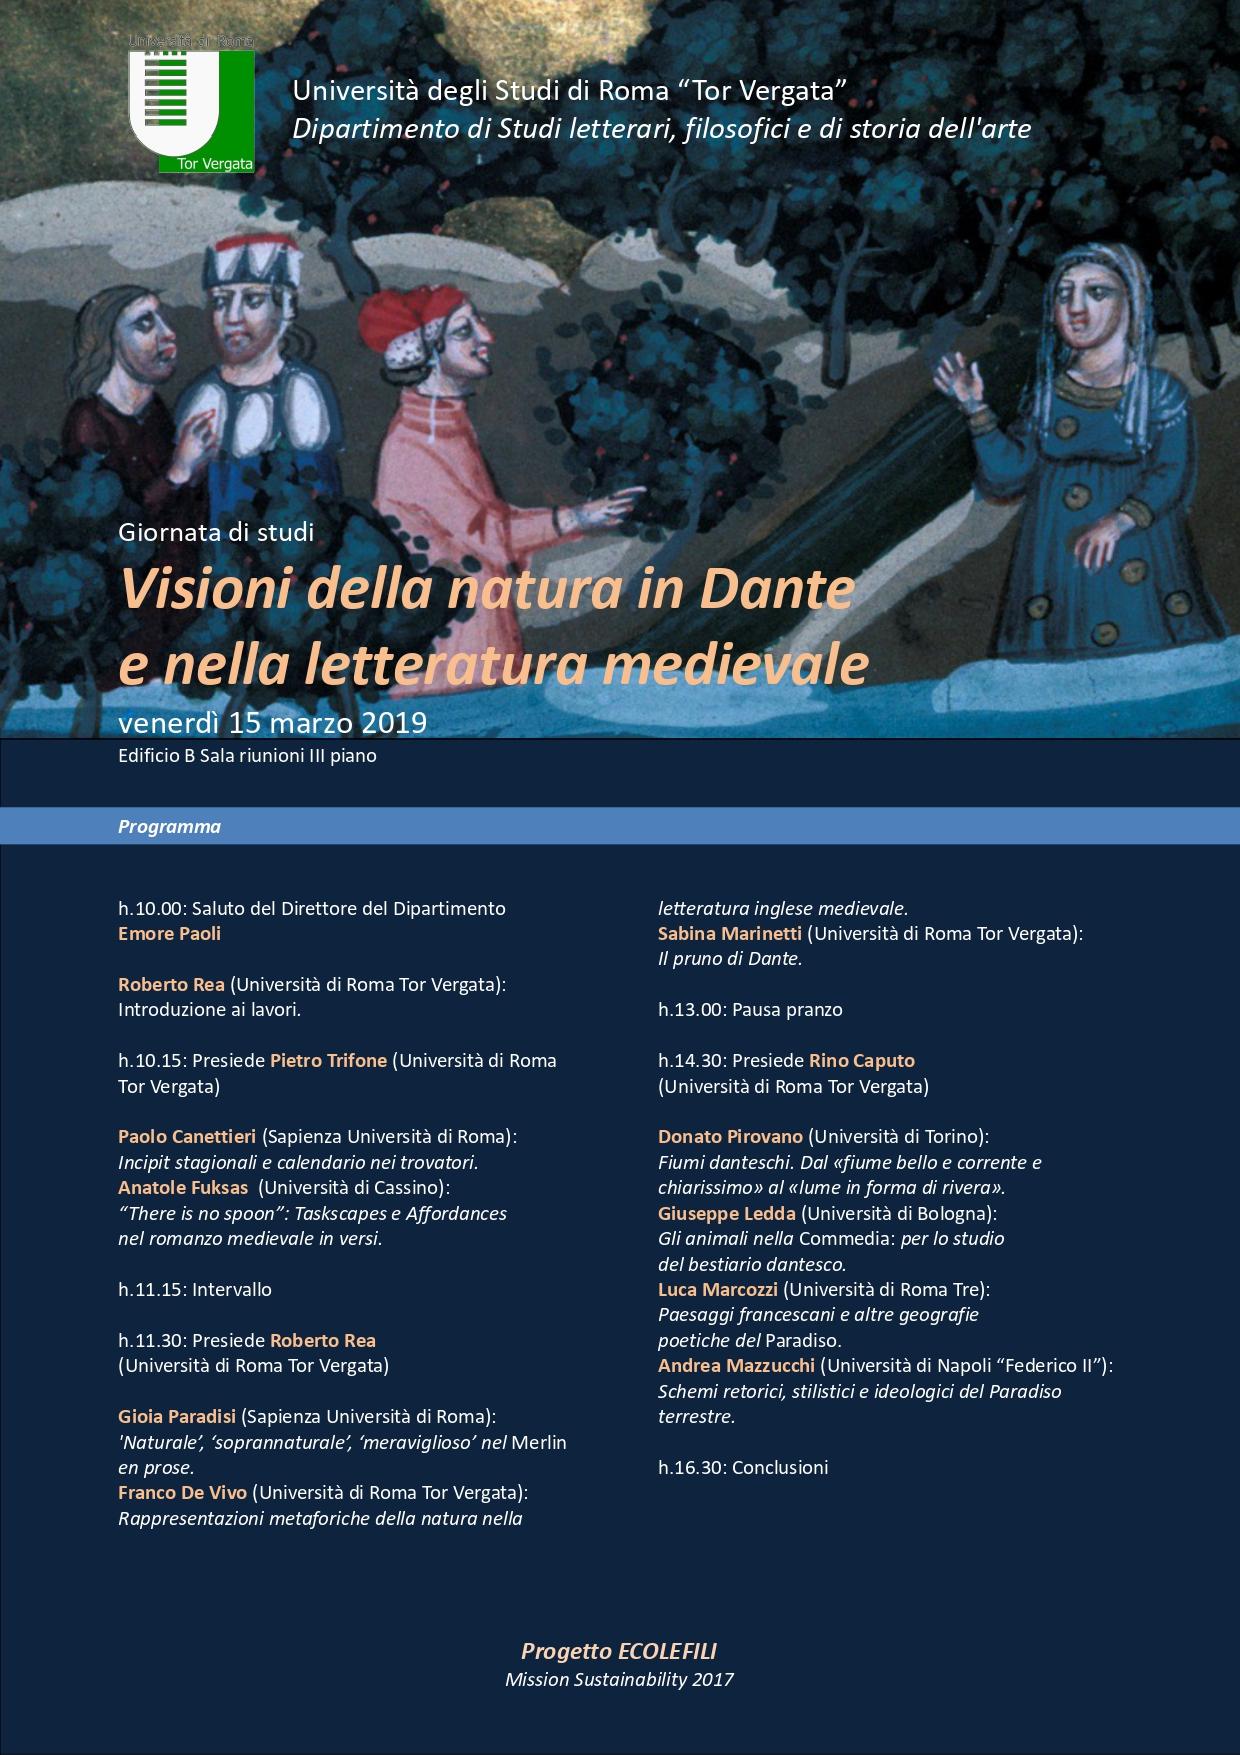 Giornata di Studi Visioni della natura in Dante e nella letteratura medievale_page-0001